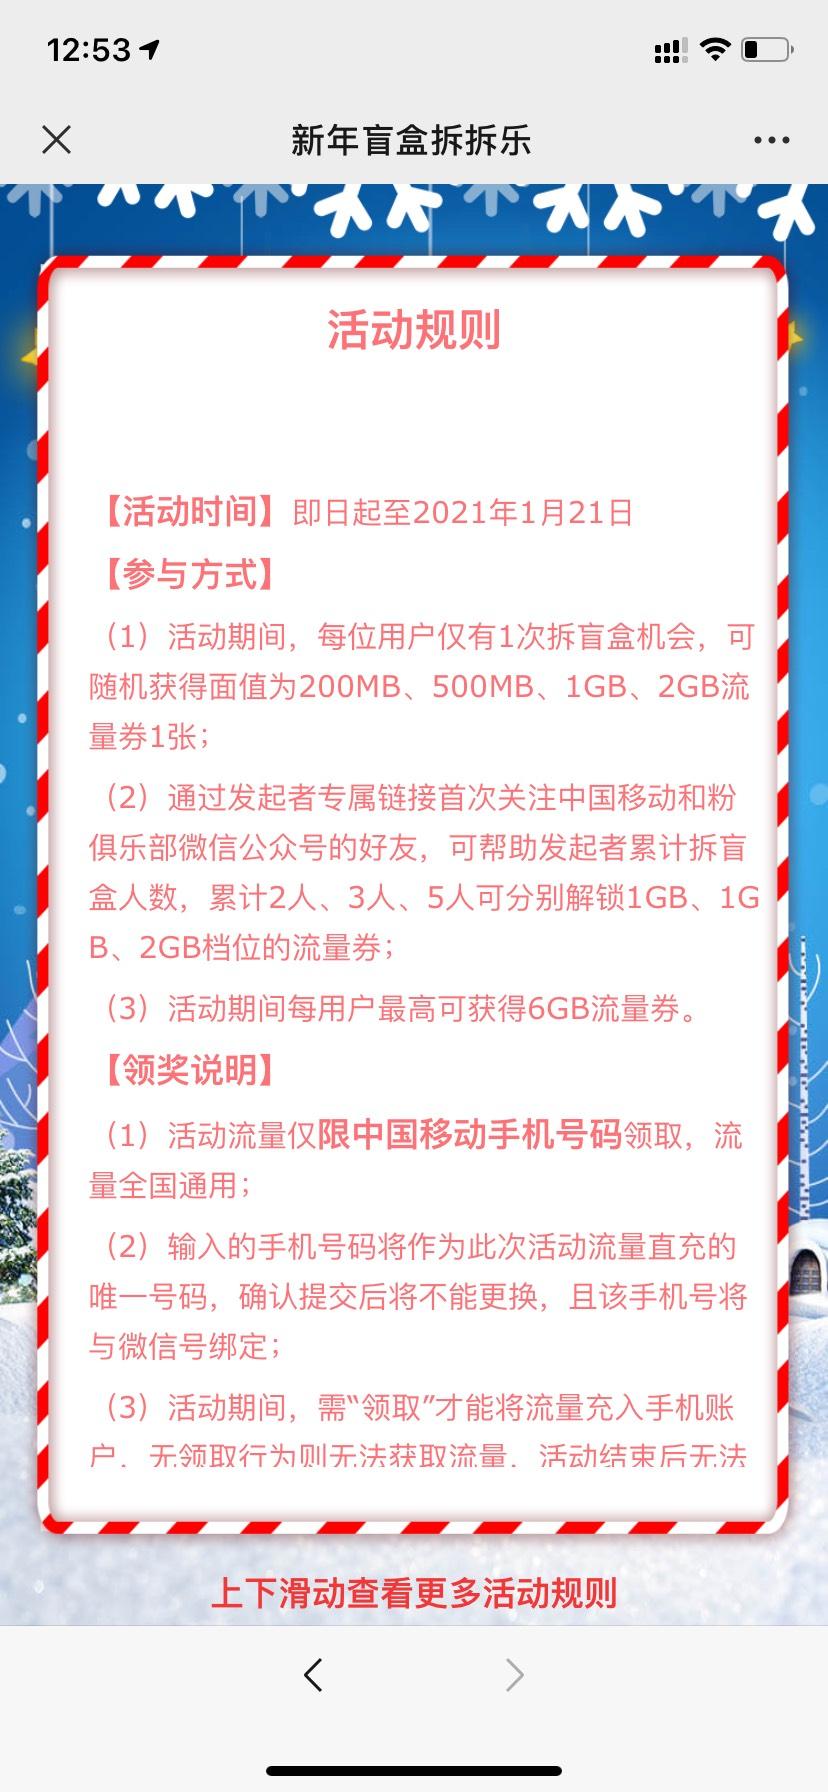 图片[2]-中国移动抽最高2G流量-老友薅羊毛活动线报网